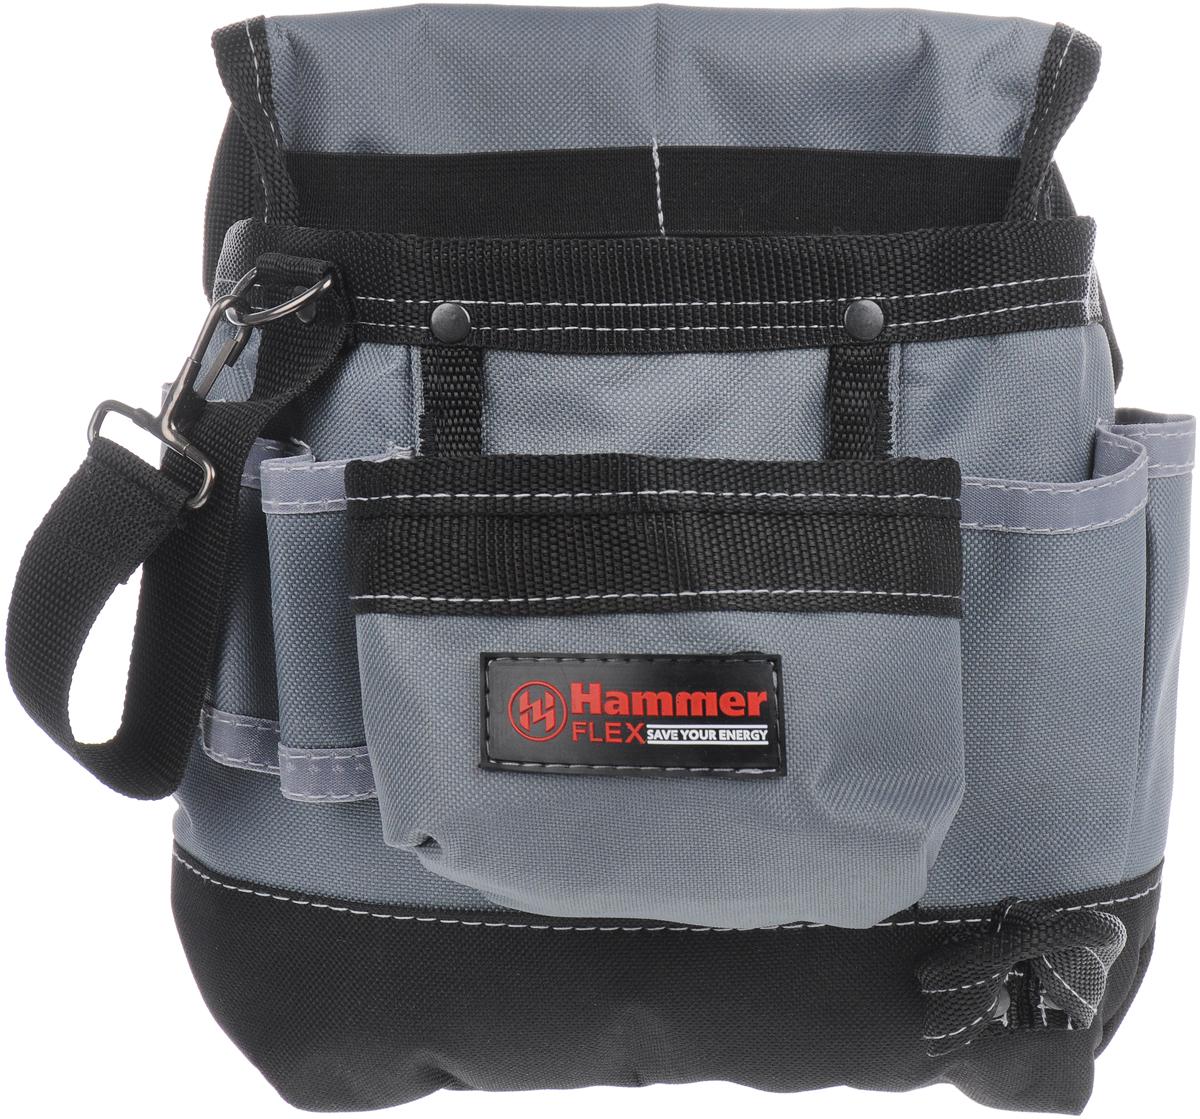 Сумка для инструментов Hammer Flex 235-001, поясная рюкзак hammer flex 235 028 для пилы ушм 410х520х110мм